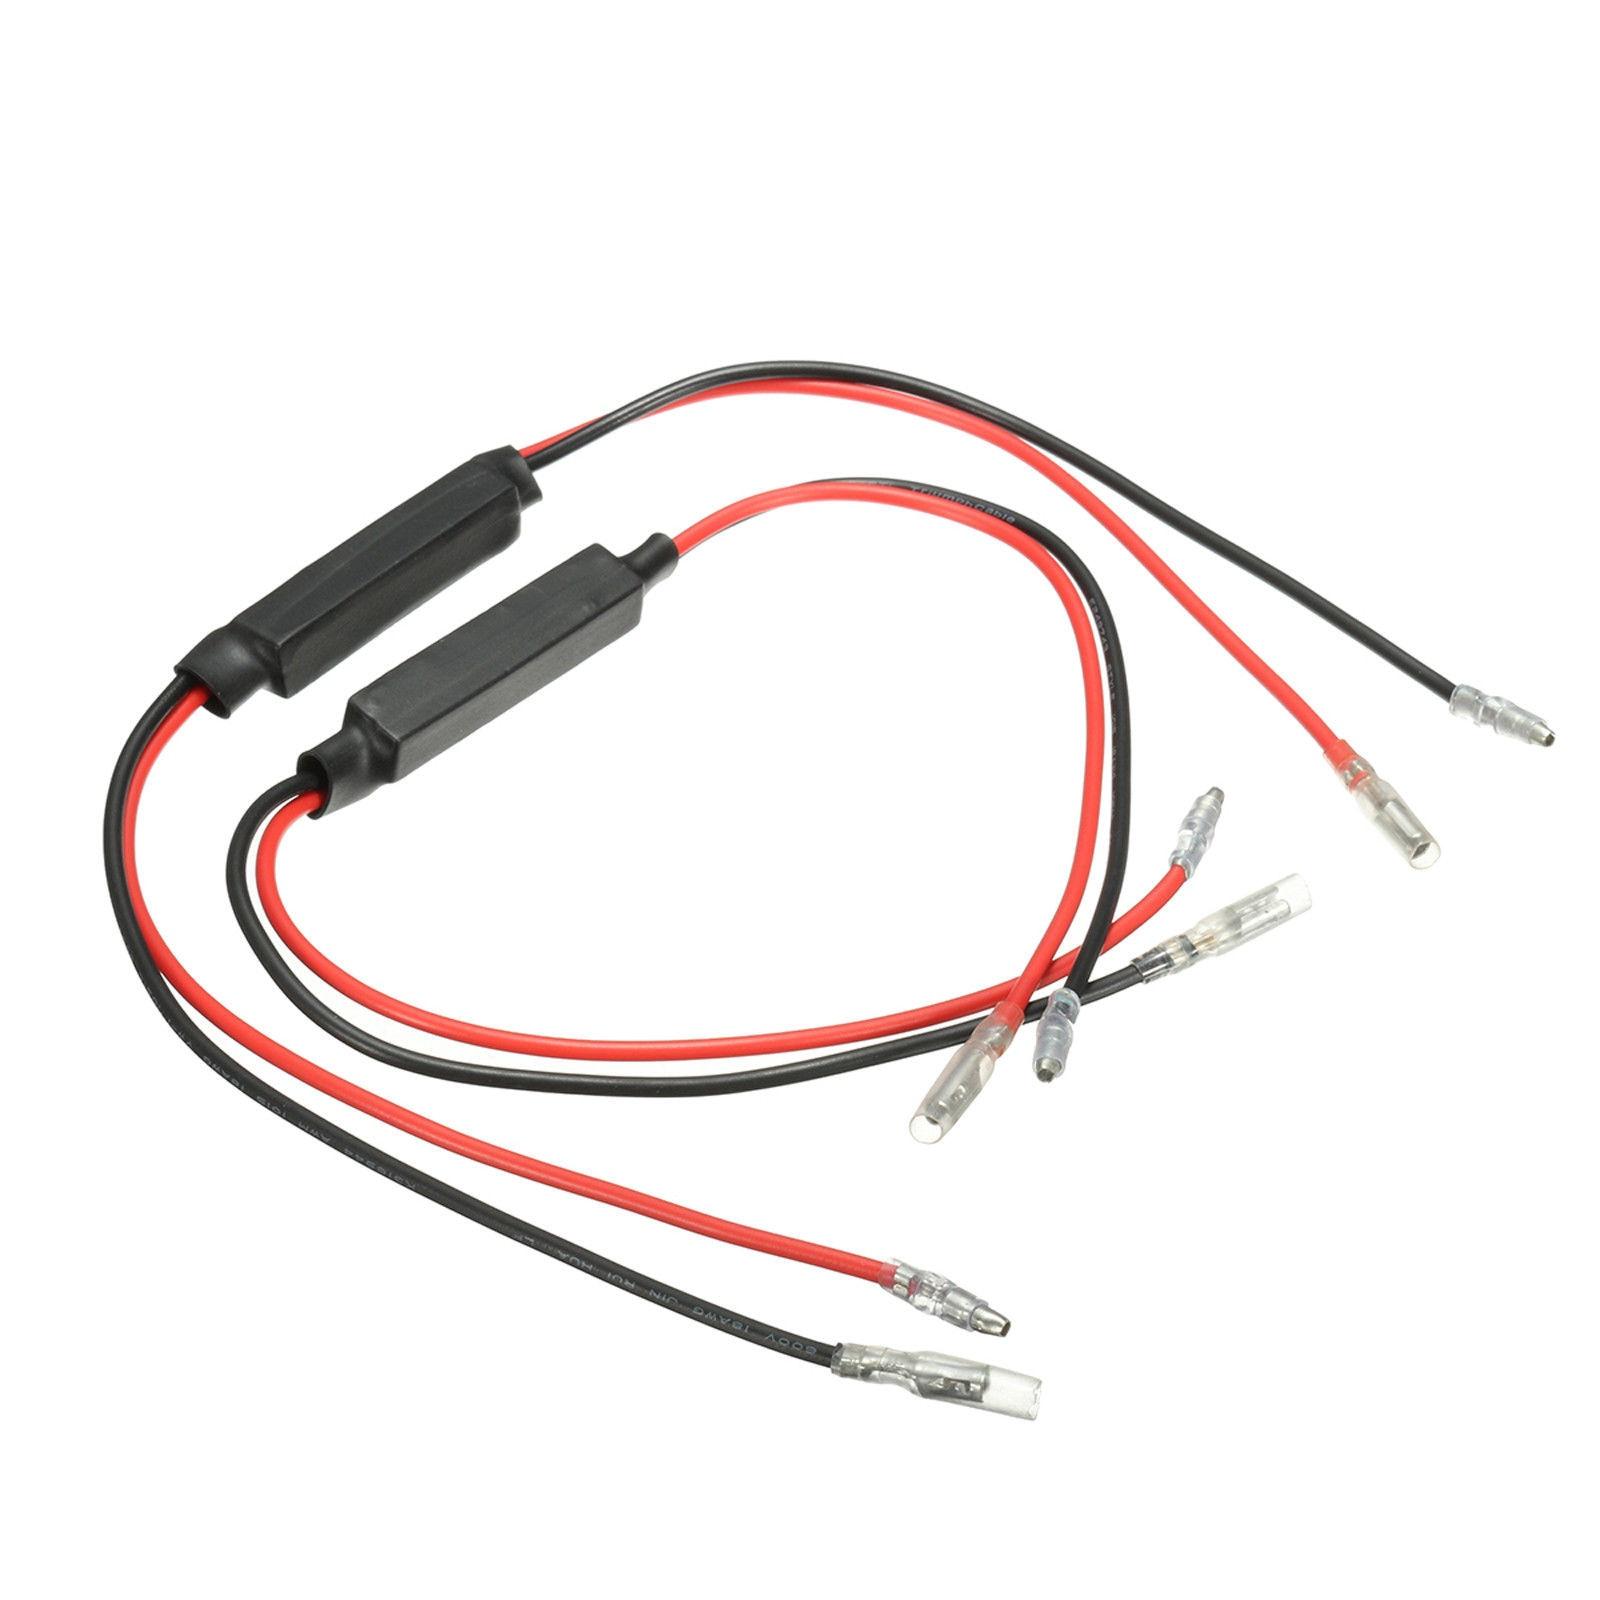 2X10 W indicador de señal de giro de bicicleta de motocicleta decodificador de resistencia de carga LED señal de giro LED para motocicleta indicador